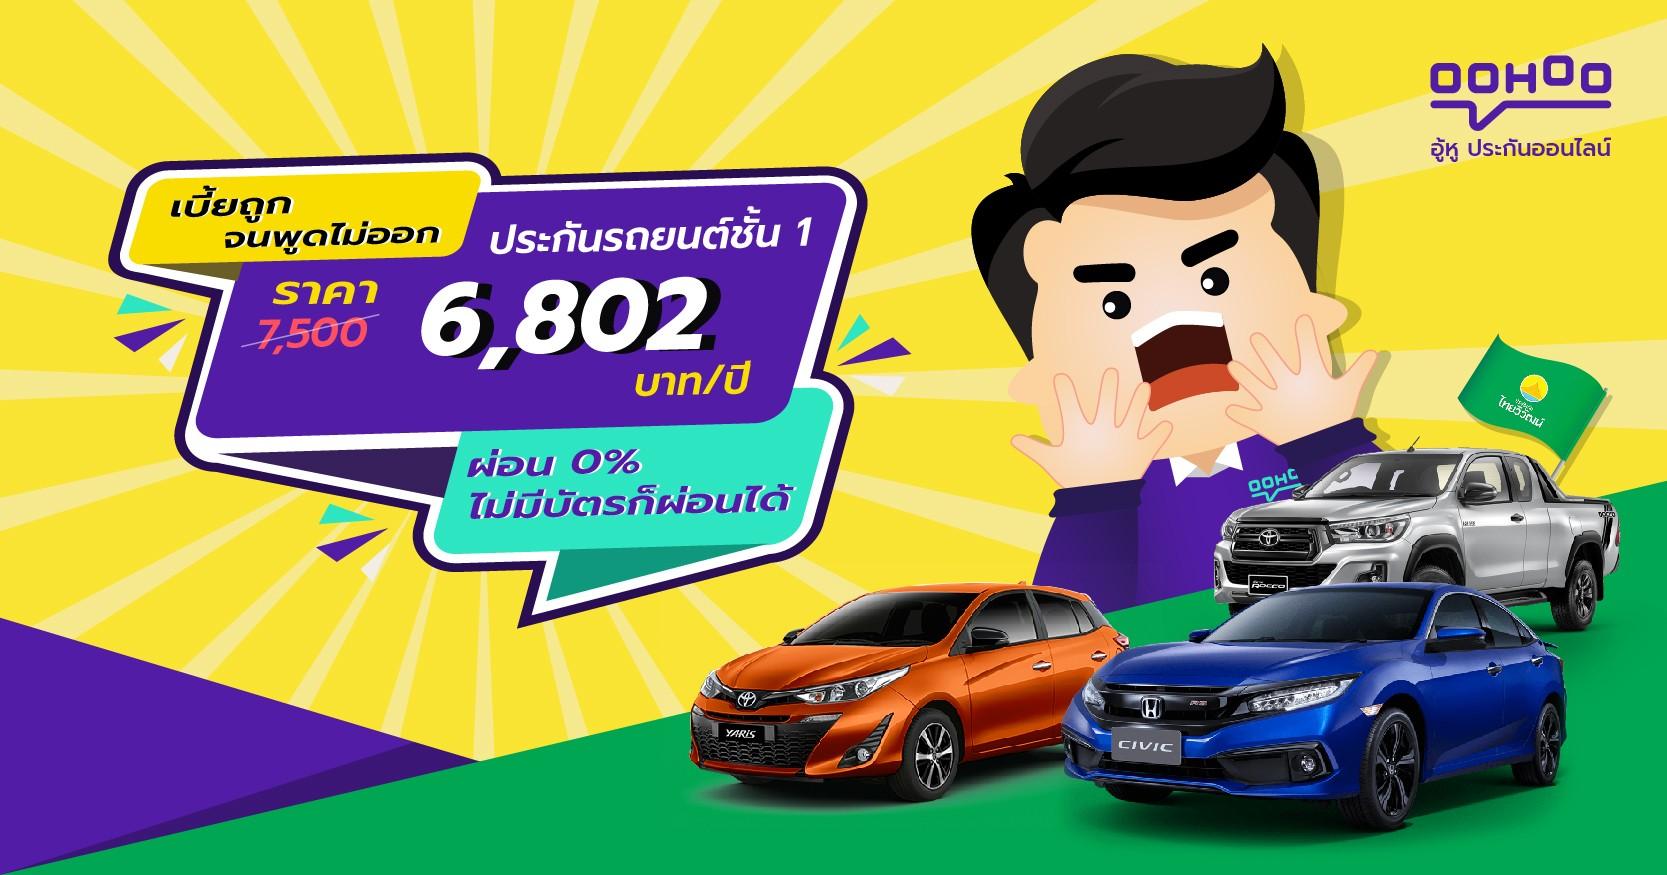 ประกันรถยนต์ชั้น 1 เบี้ยถูกเพียง 6,802 บาท/ปี